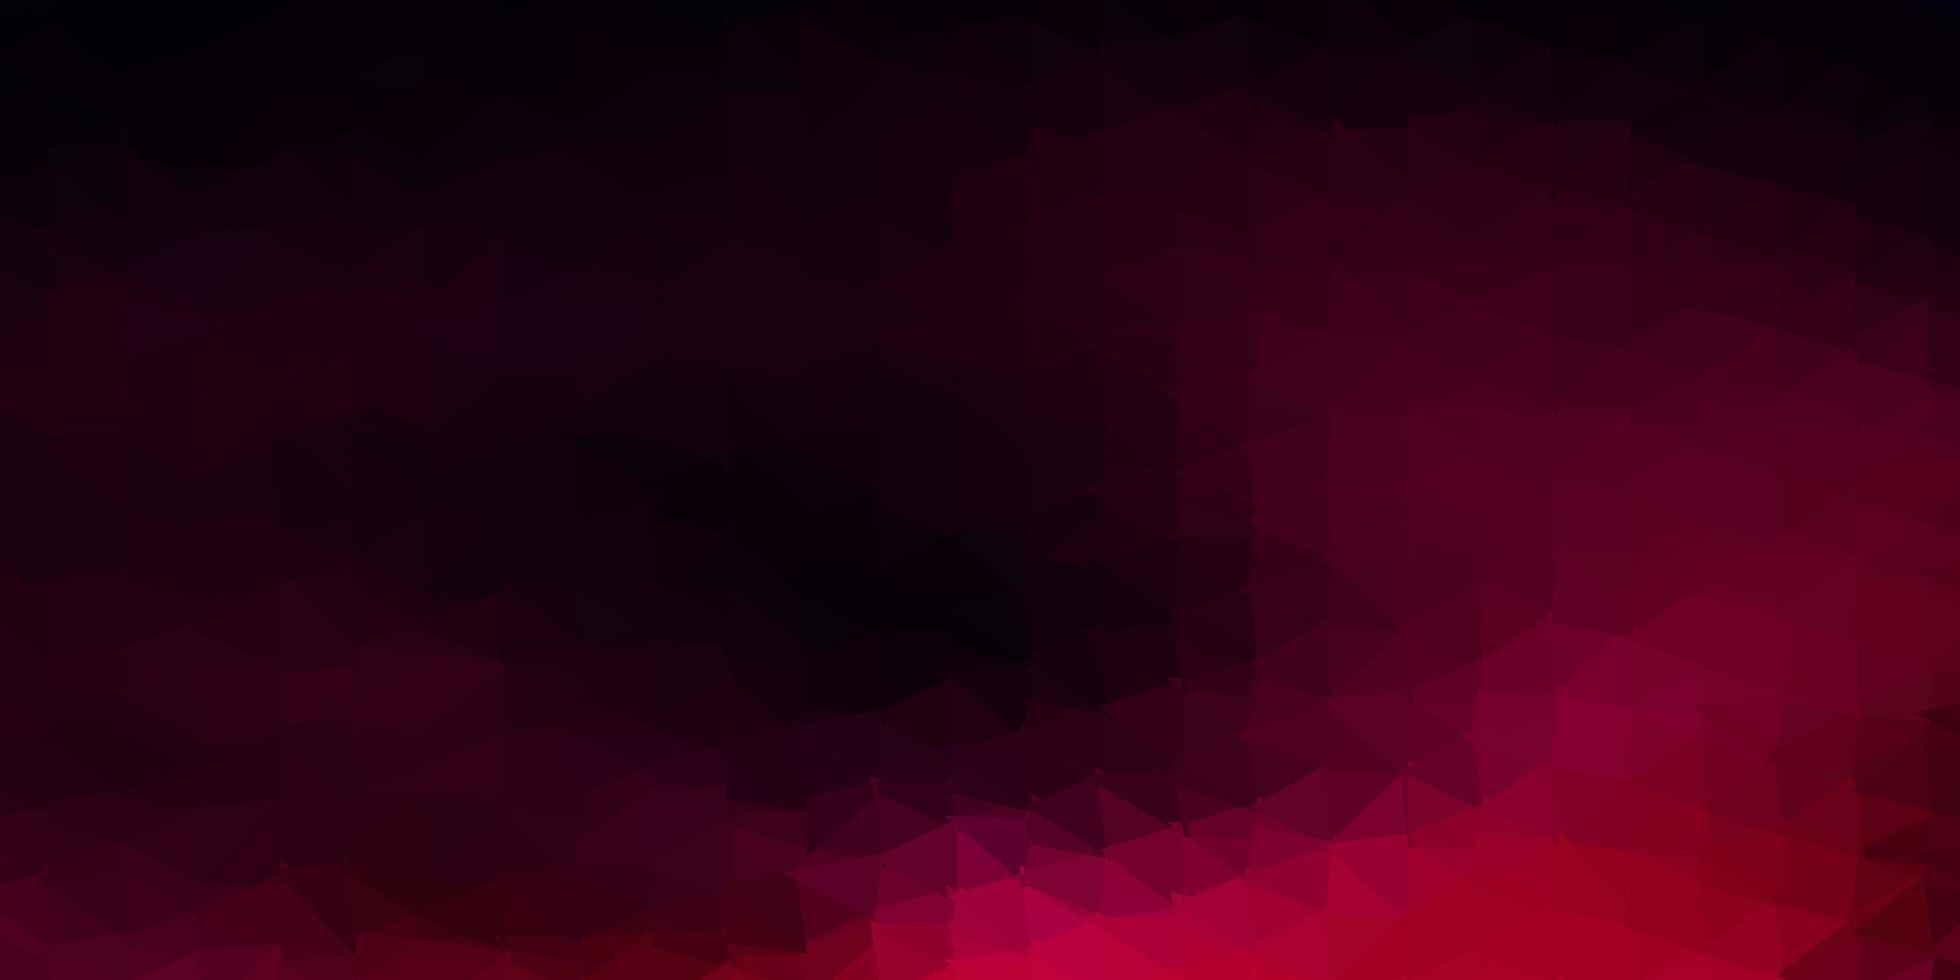 fundo poligonal do vetor rosa escuro.